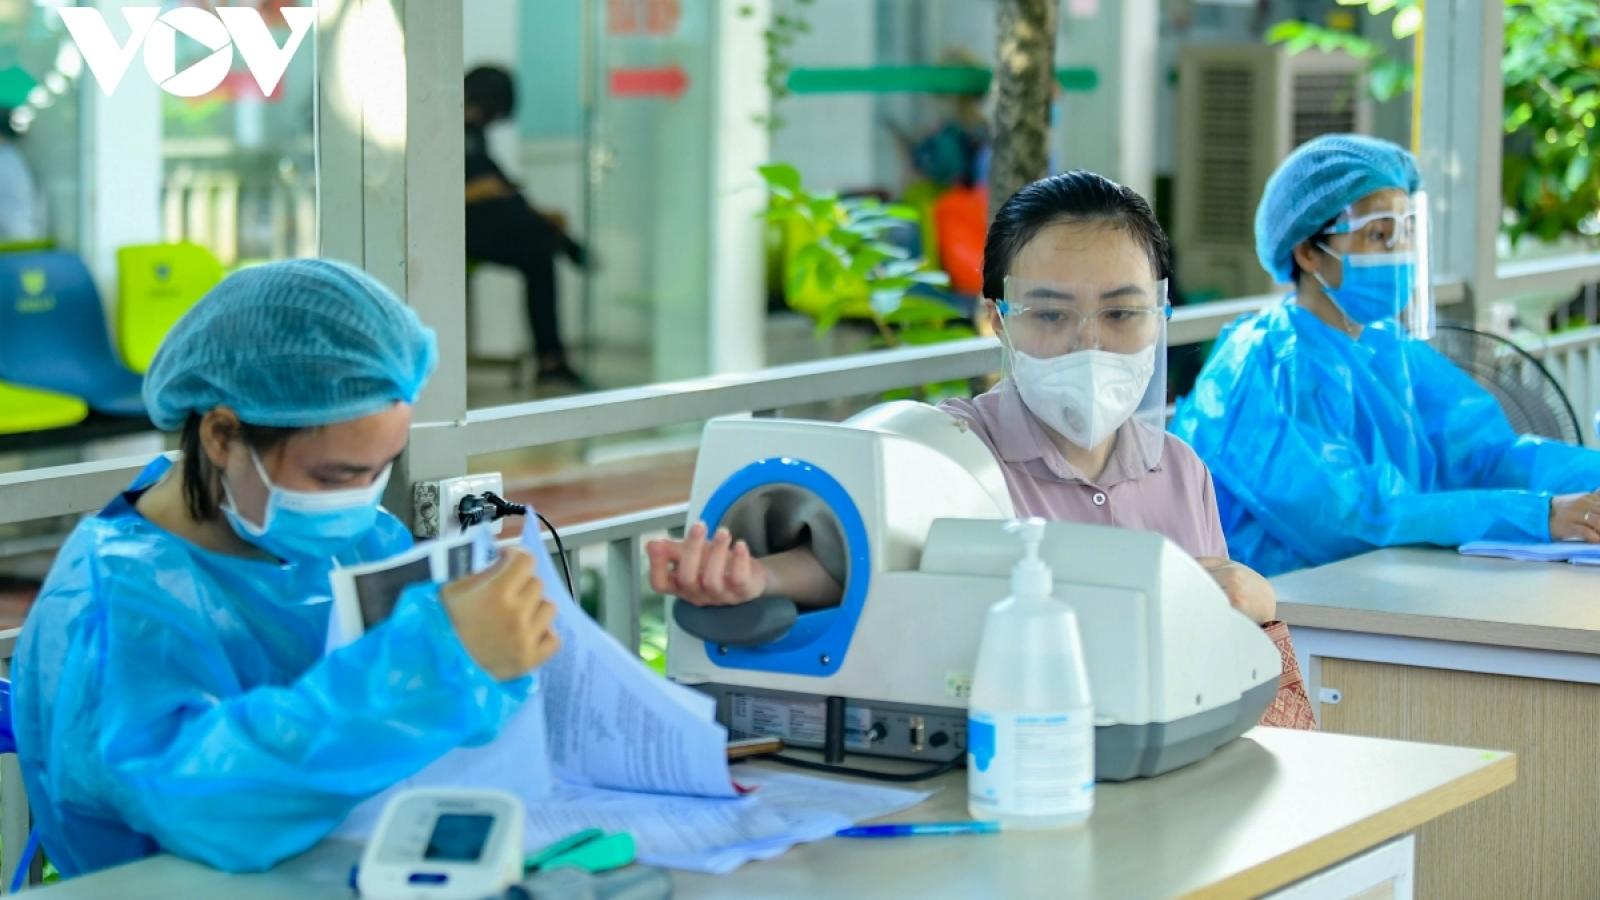 Bộ Y tế đề nghị khẩn trương tiêm vaccine COVID-19 cho phụ nữ mang thai trên 13 tuần